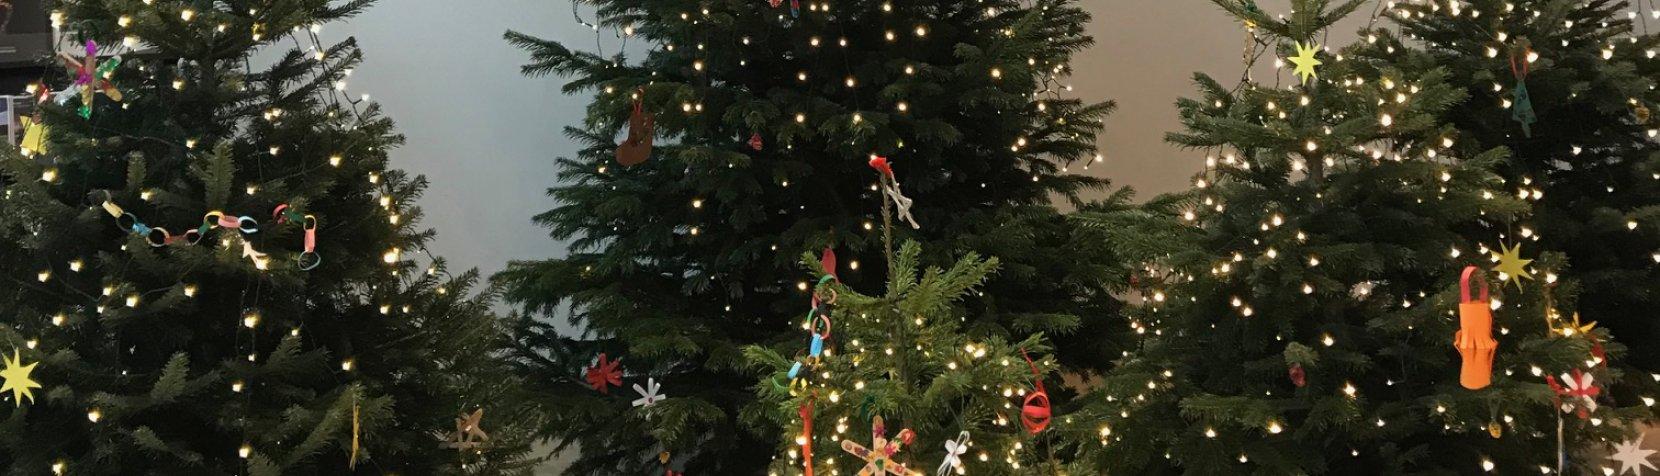 Juletræer med lys